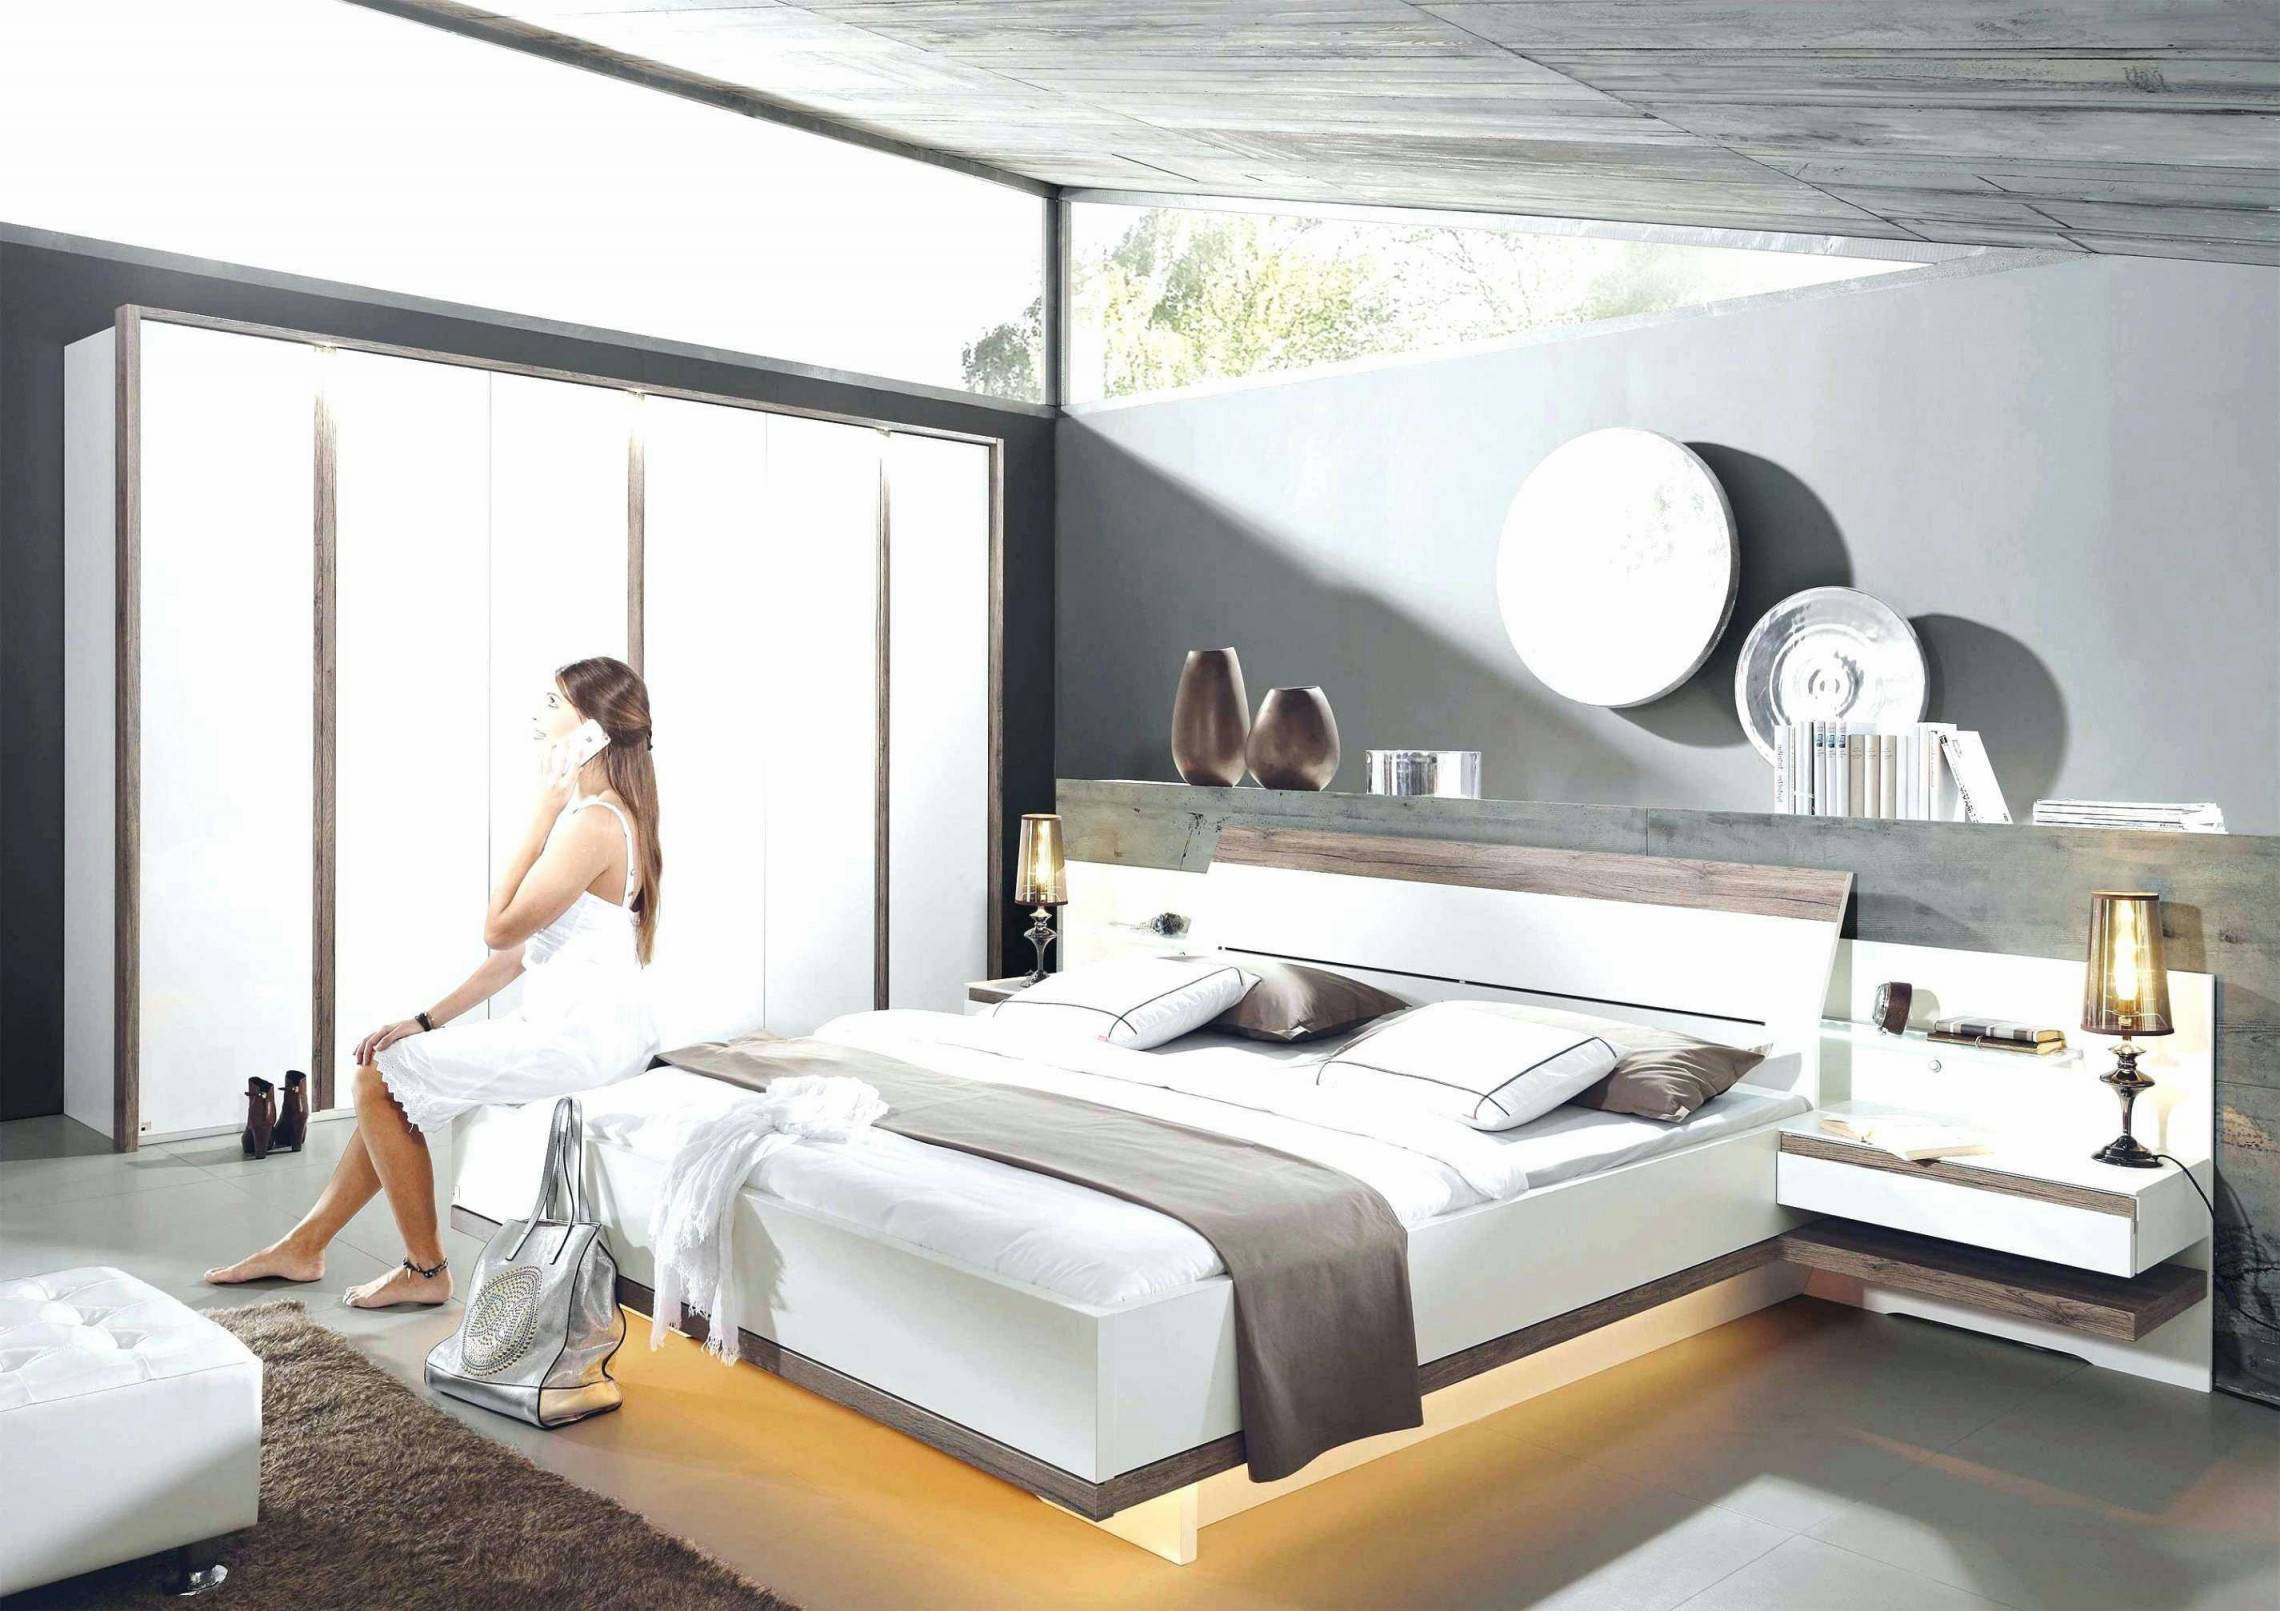 wohnzimmermobel von musterring neu 35 belle tv mobel hulsta of wohnzimmermobel von musterring